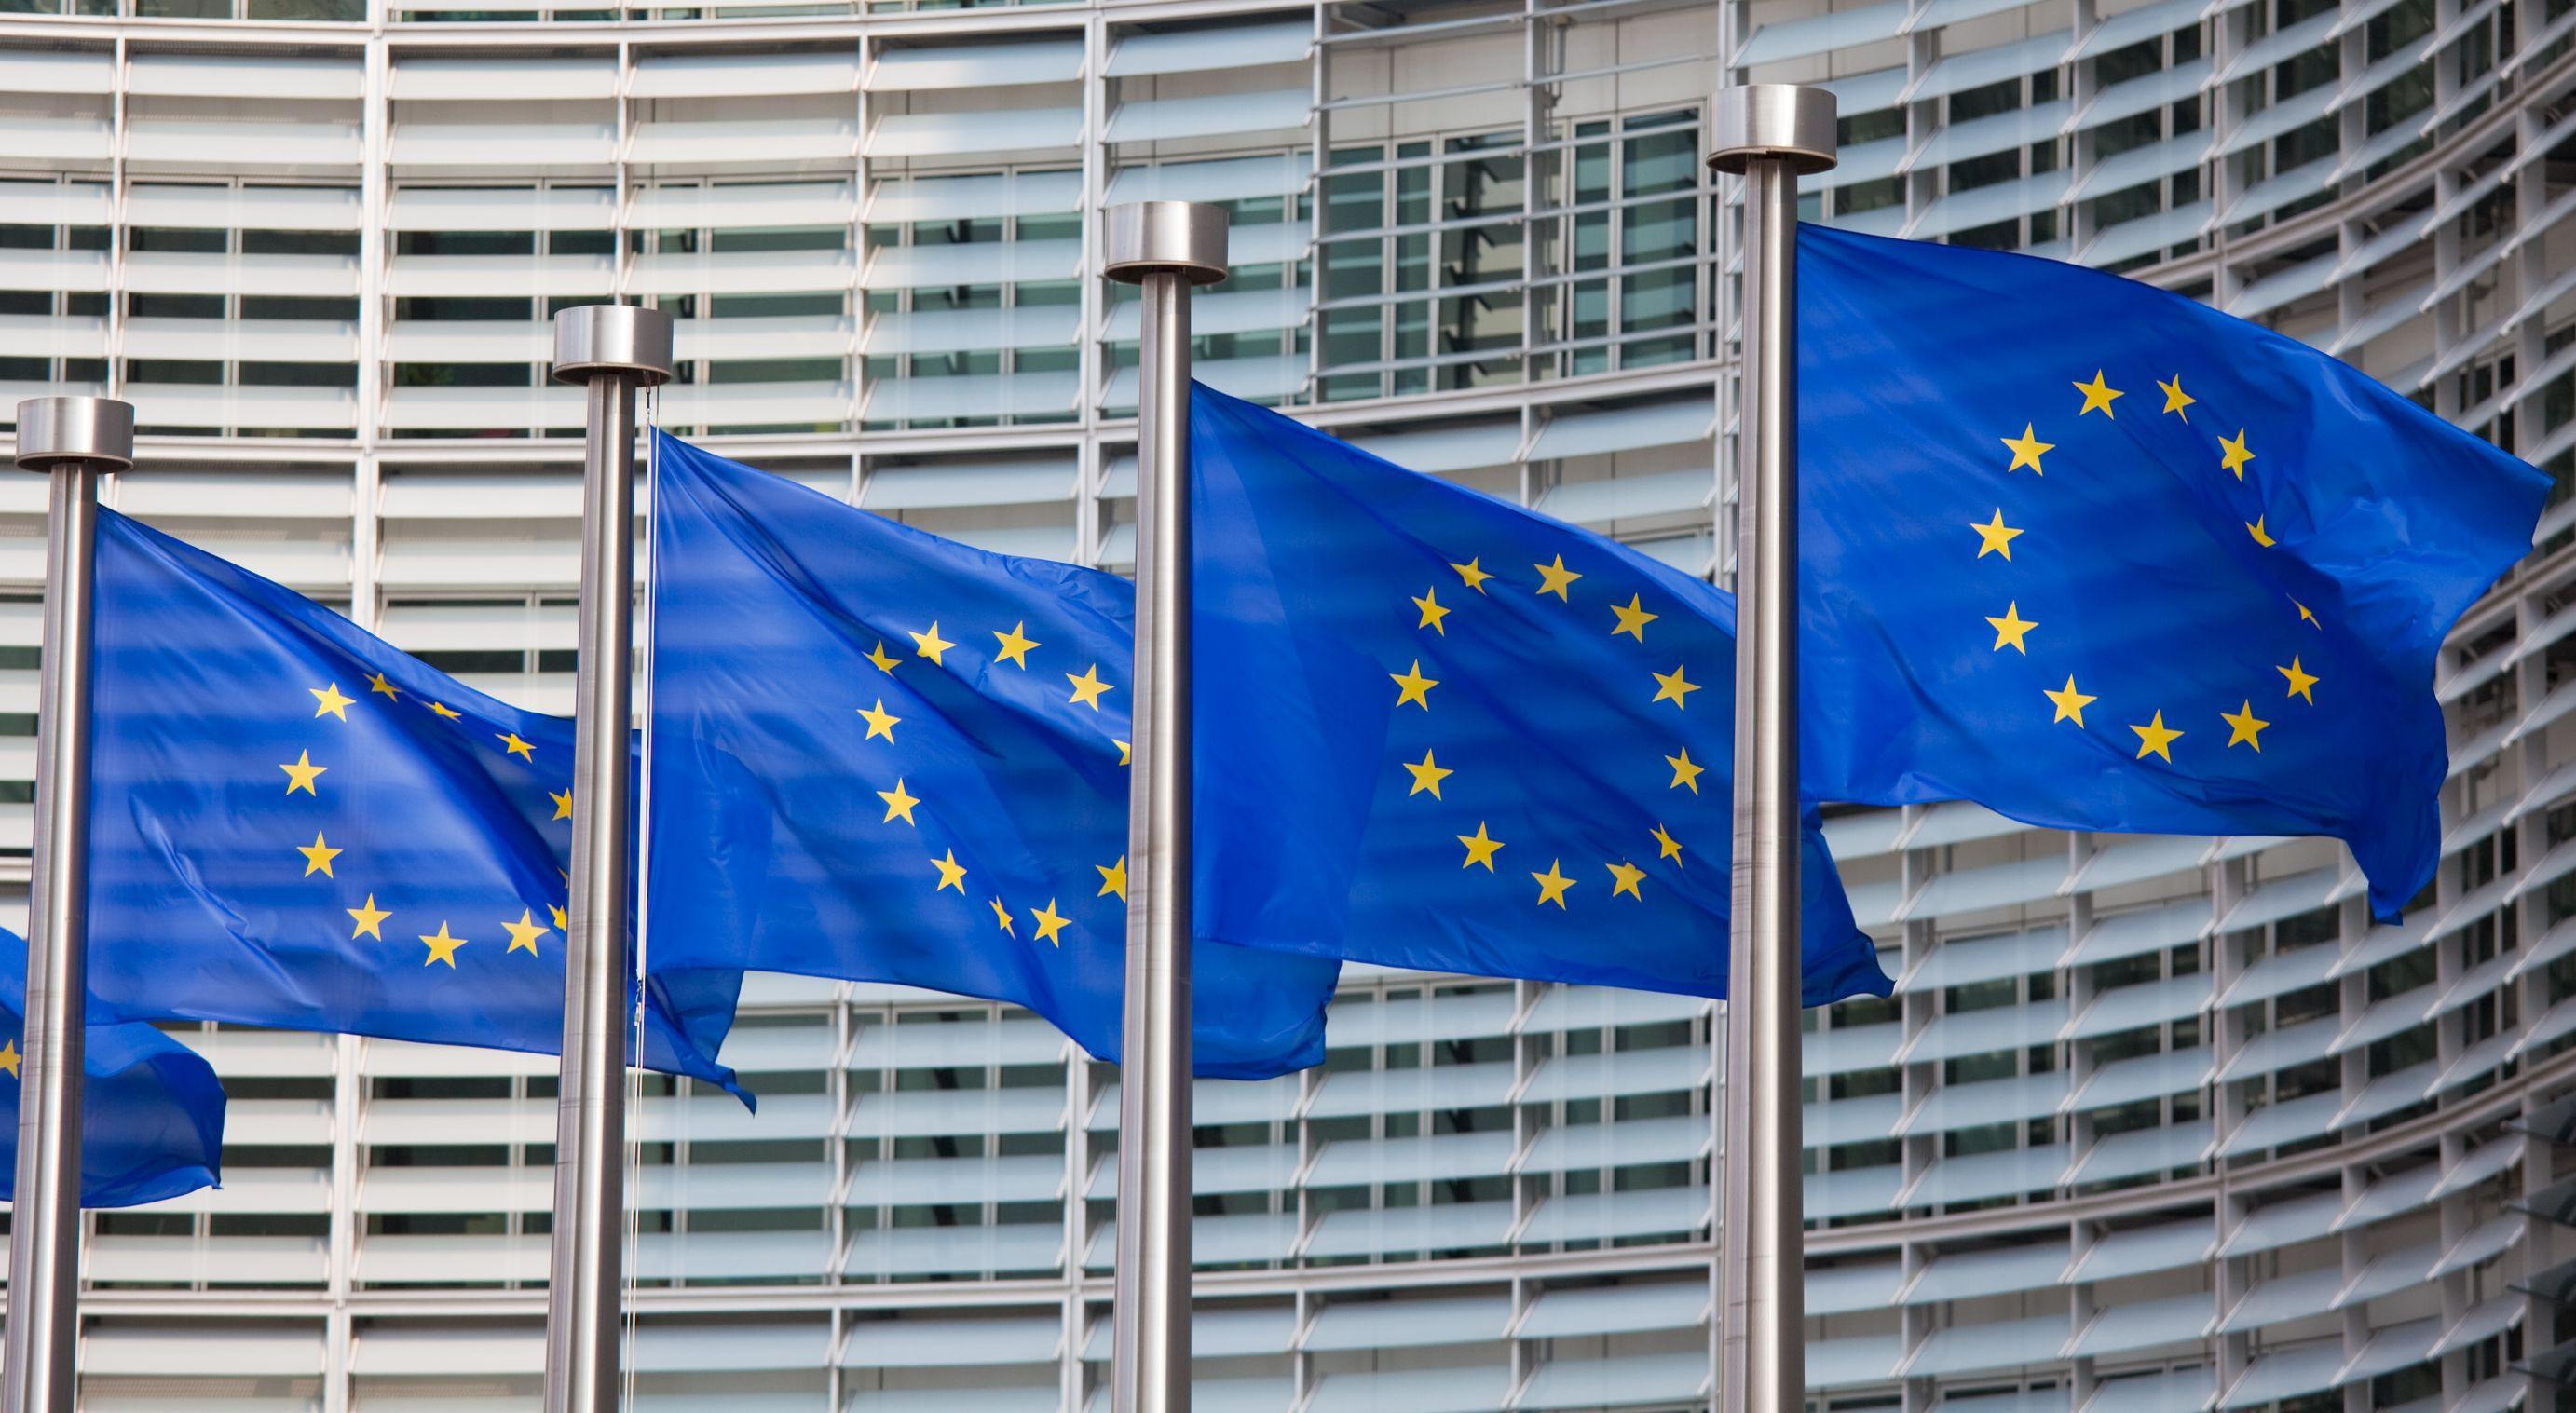 Ministerul Mediului: România a prezentat la Comisia Europeană măsuri pentru îmbunătăţirea calităţii aerului